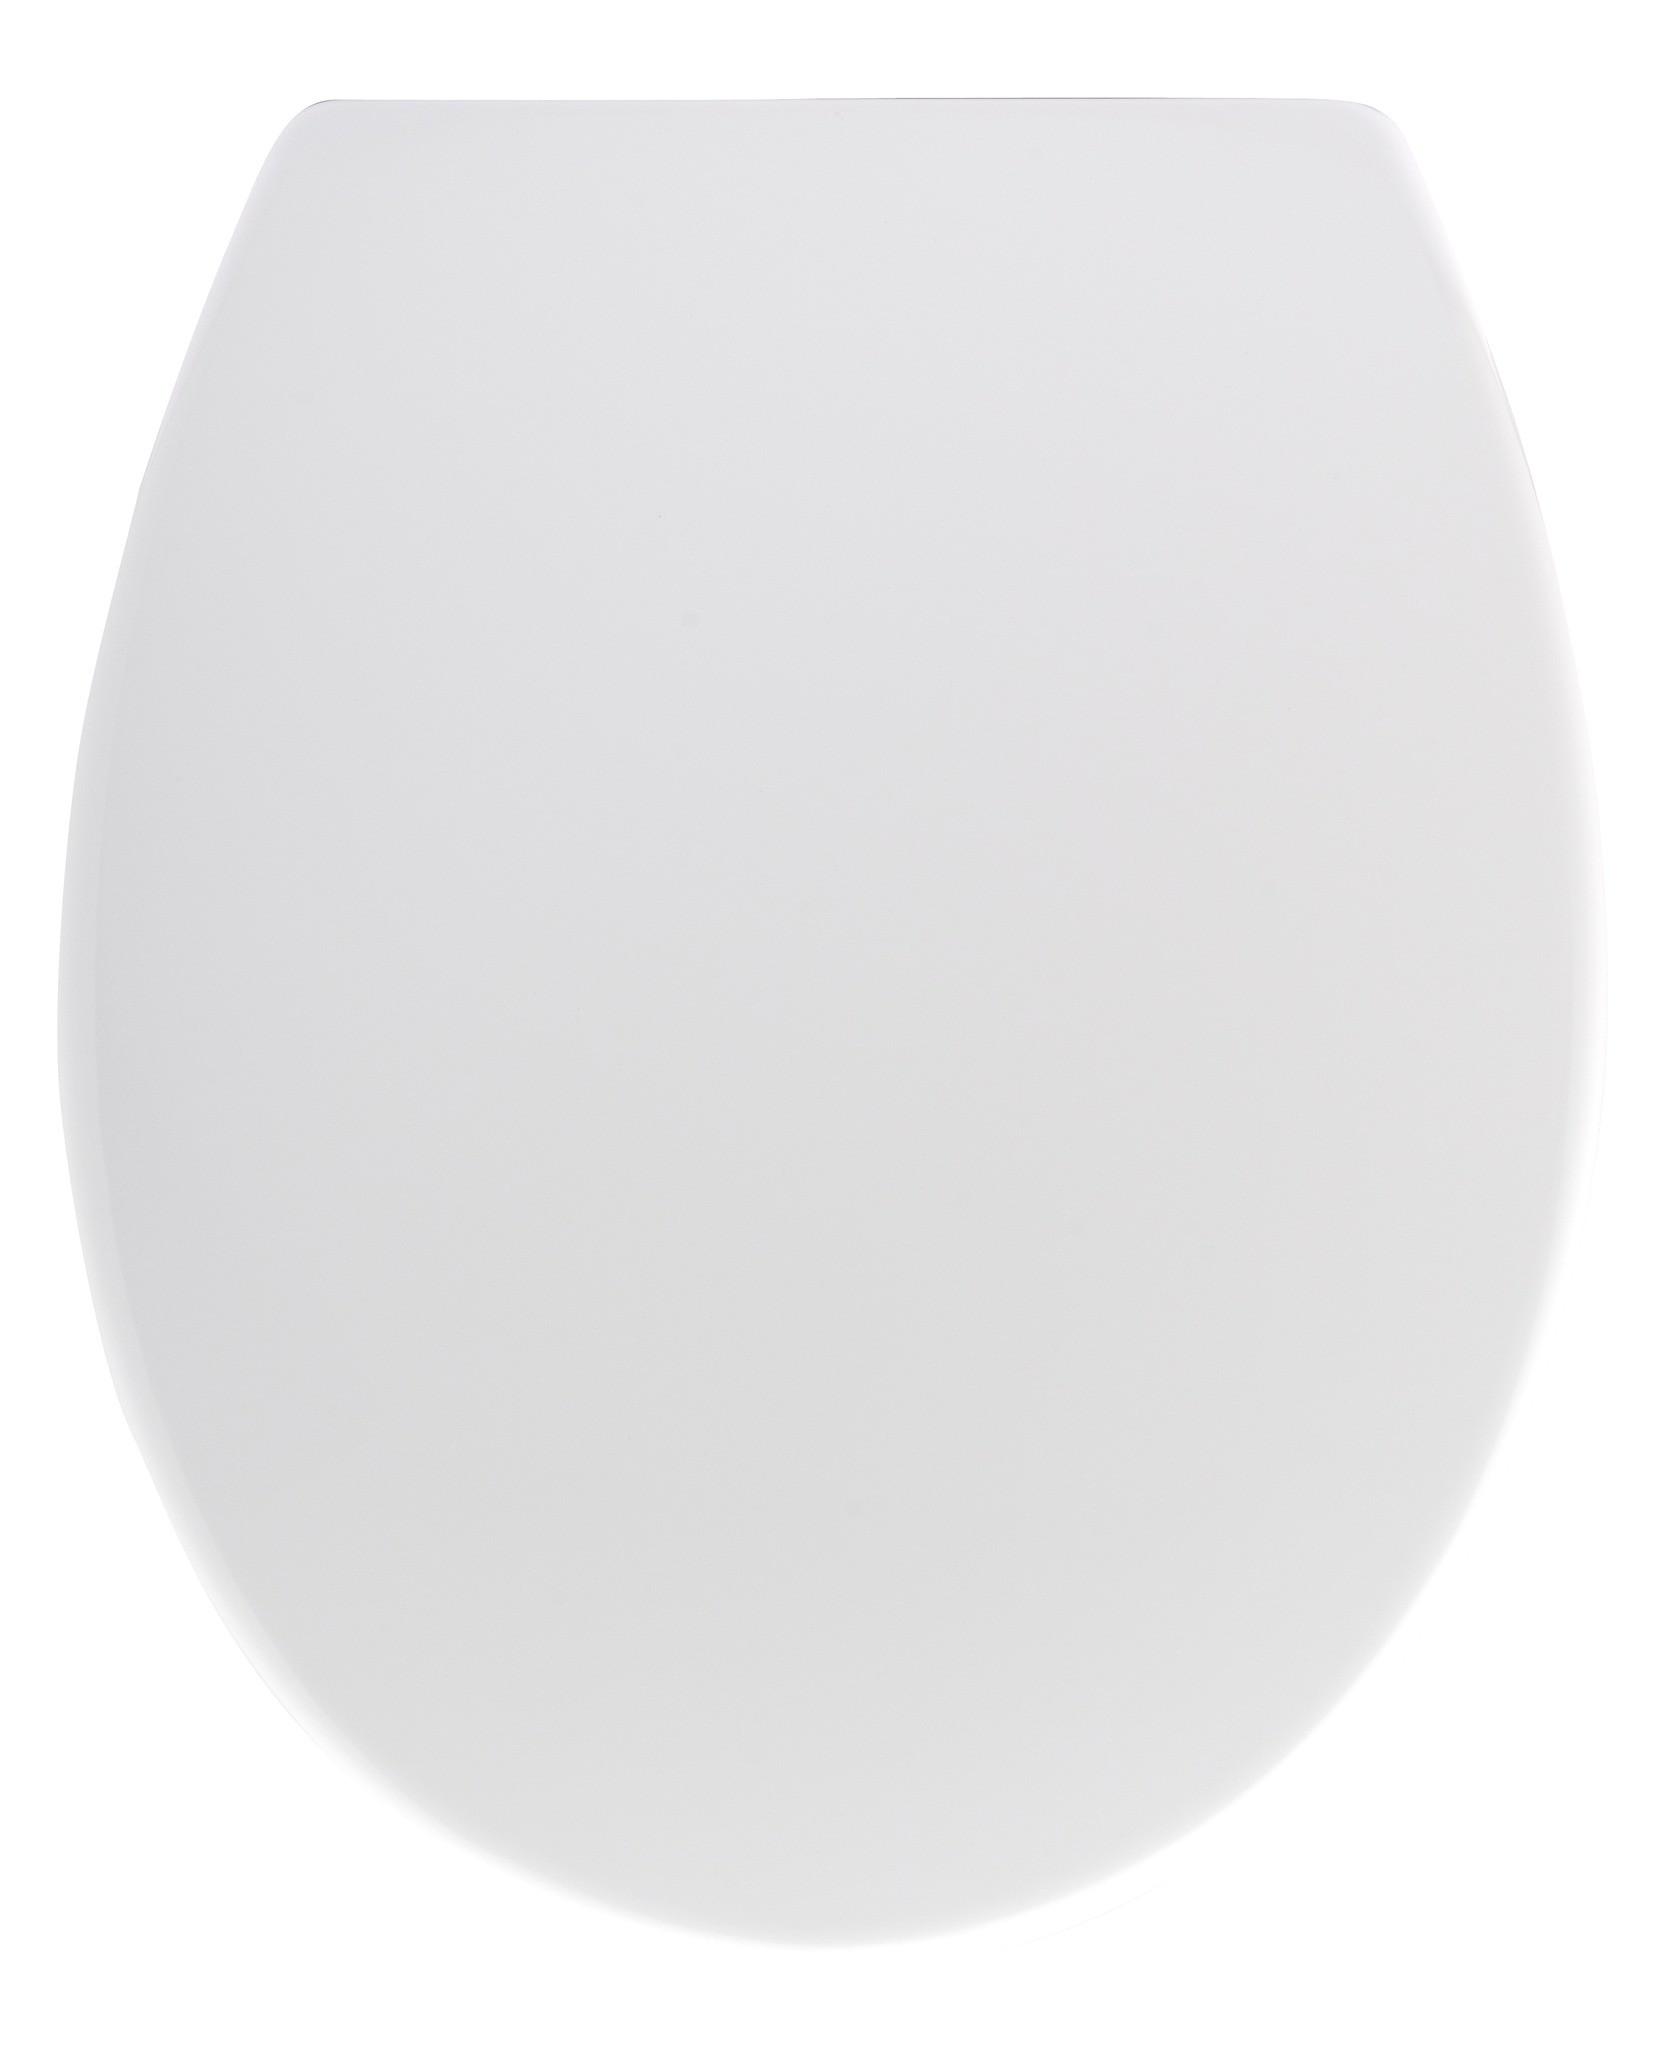 Wenko Premium WC-Sitz Cento, mit Absenkautomatik